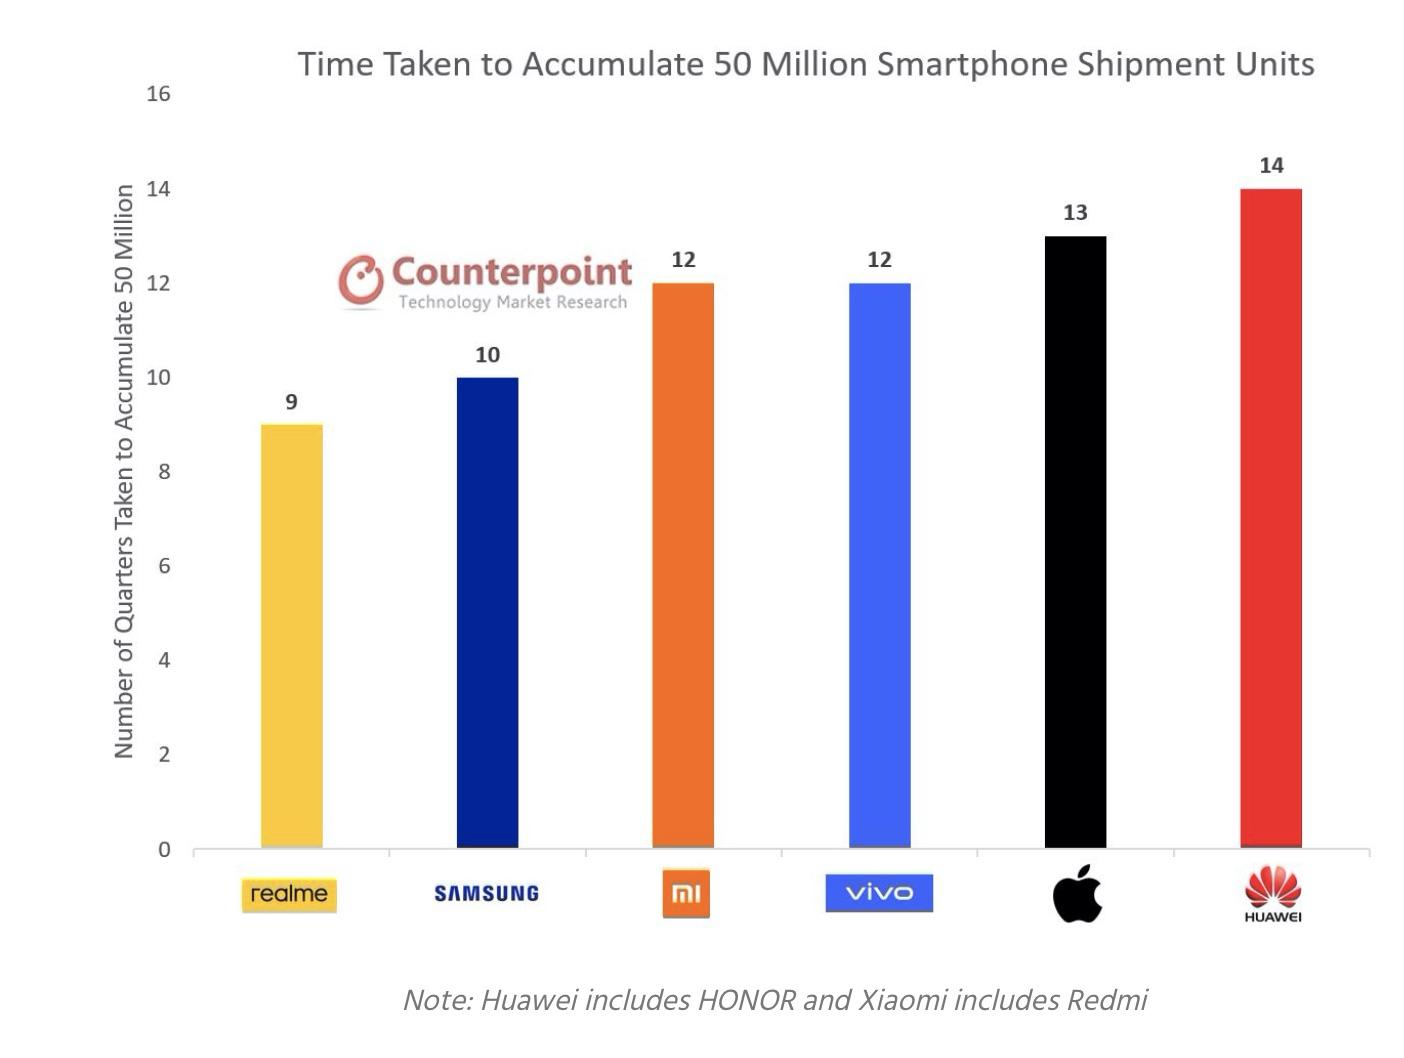 Thương hiệu Realme đạt doanh số 50 triệu smartphone nhanh nhất